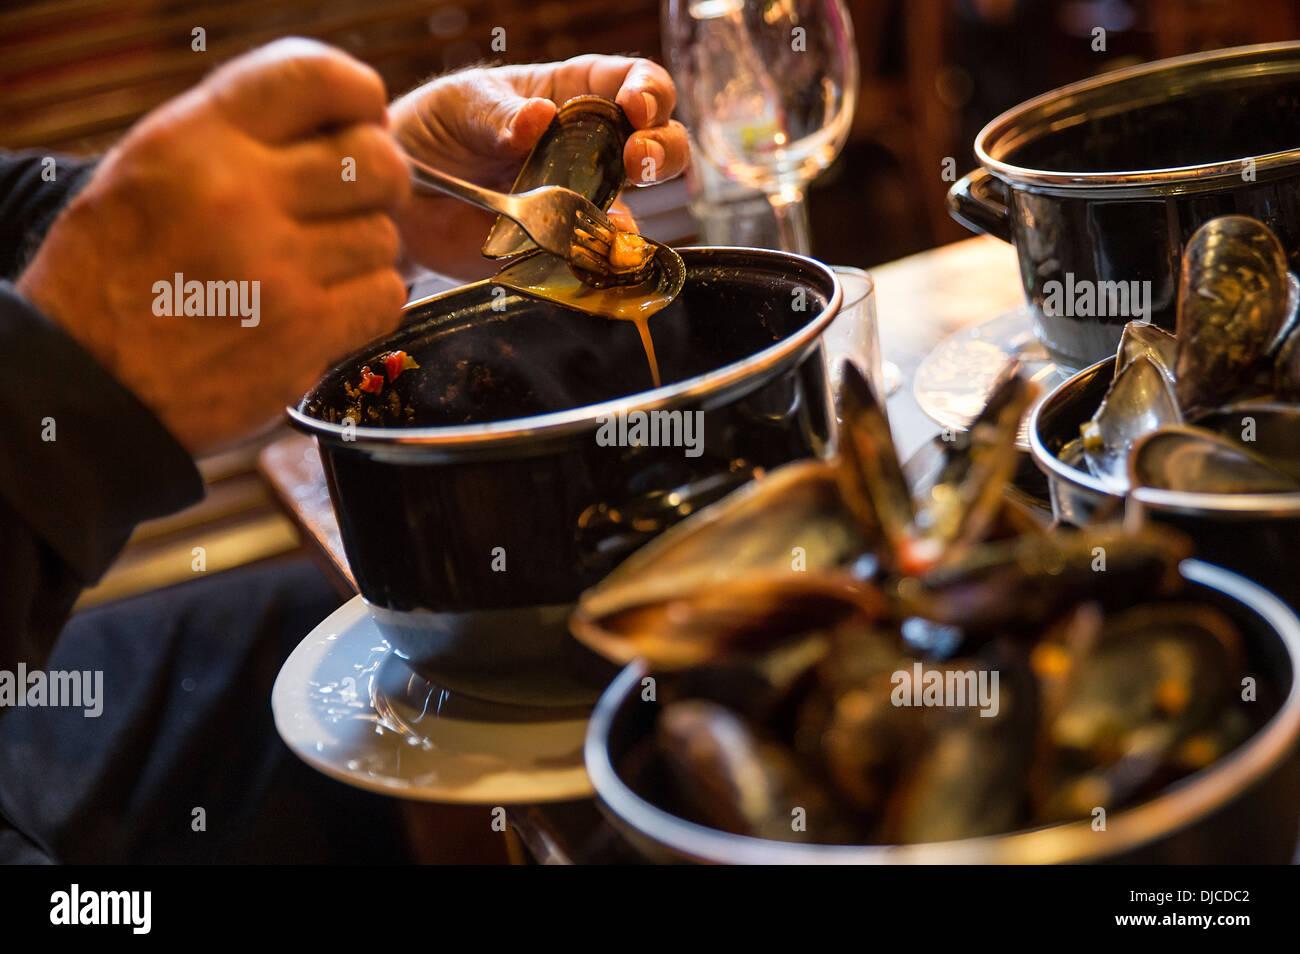 Mecenate gode di un piatto di cozze in un ristorante di tapas, Barcellona, Spagna Immagini Stock